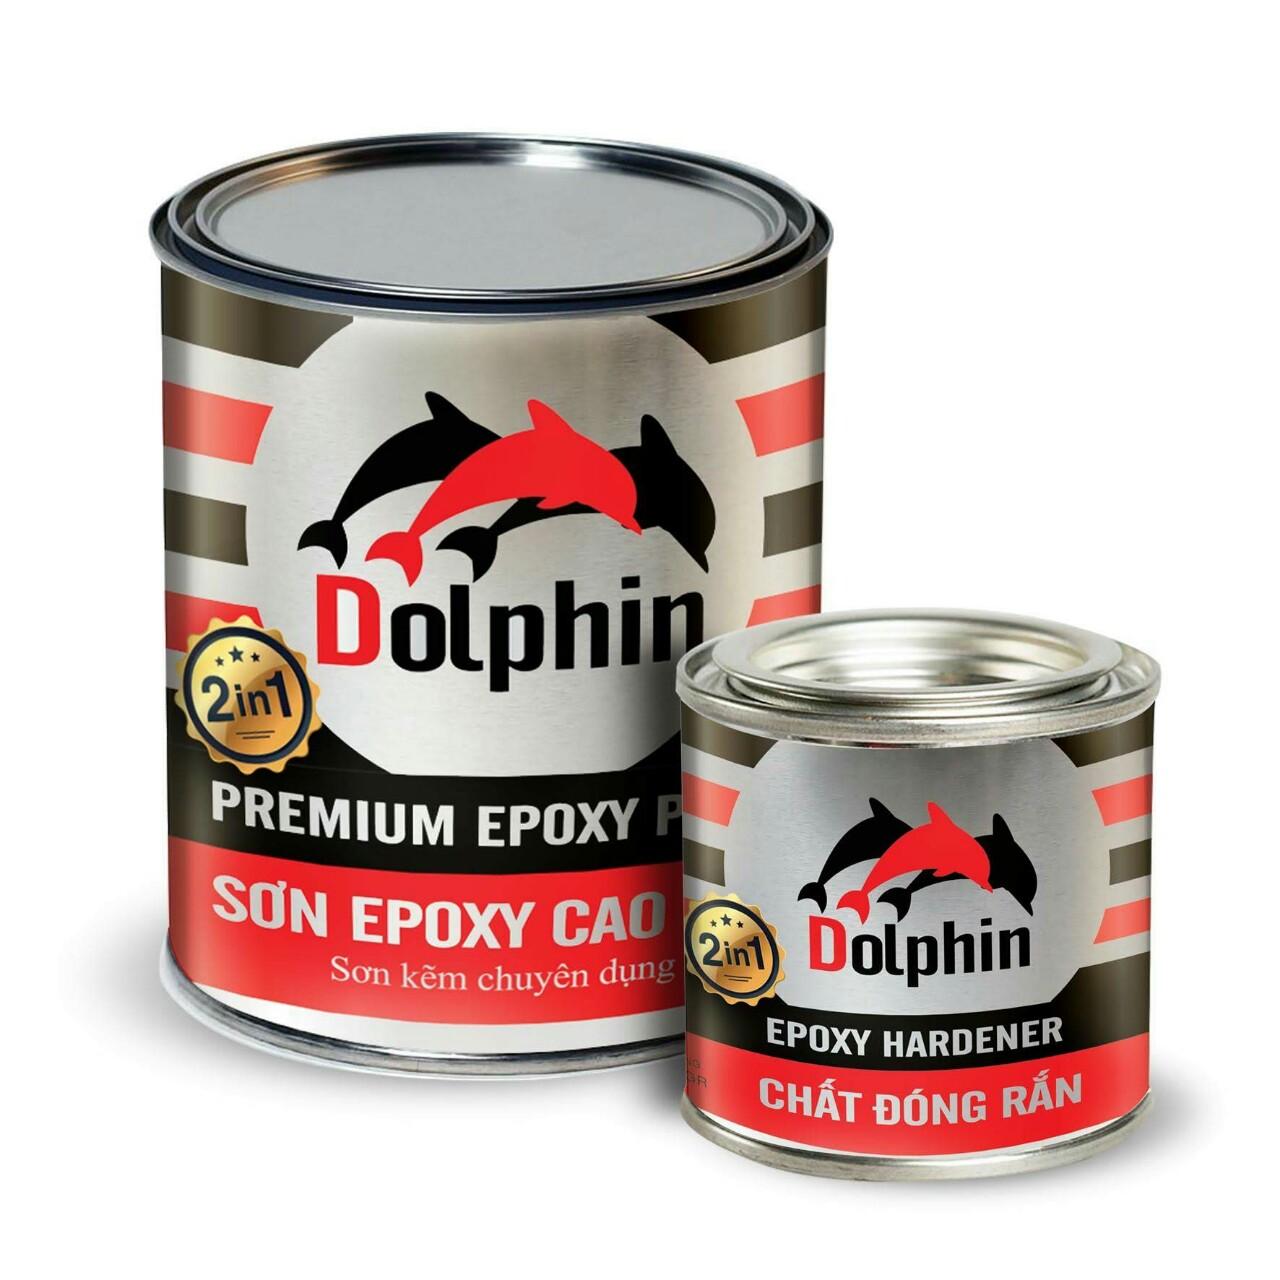 Dolphin 2 thành phần (Epoxy)